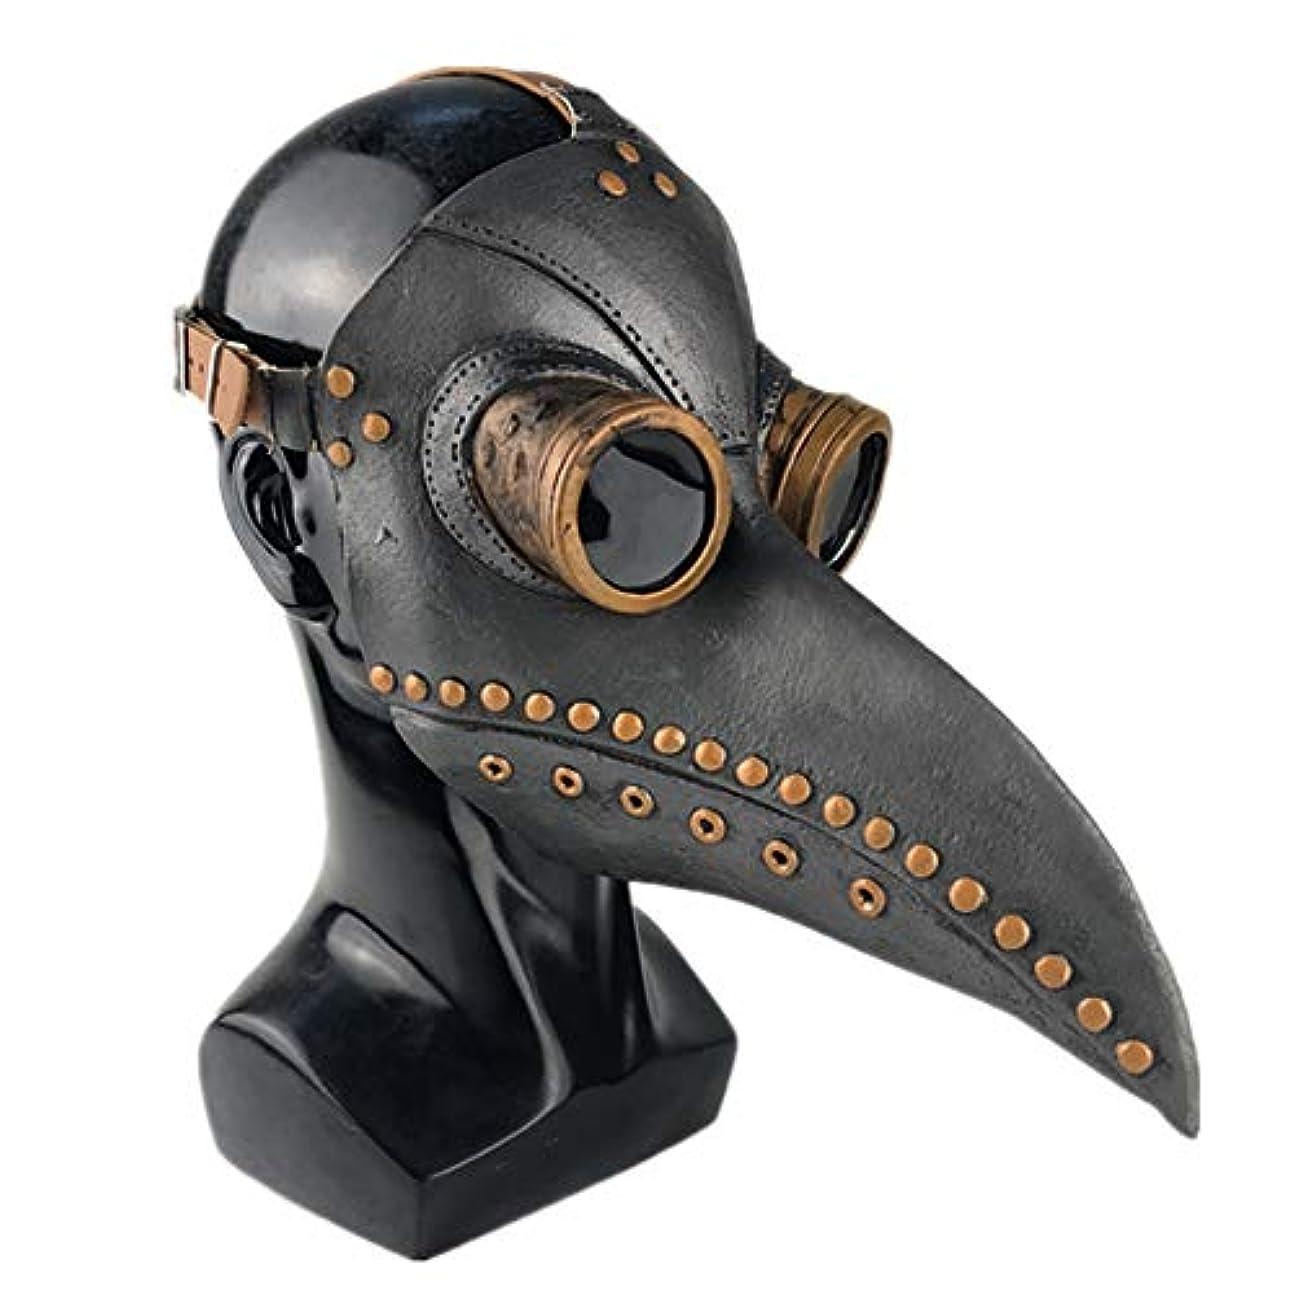 失礼な名前幅Esolom ハロウィンマスク ペストスチーム喙ドクターマスク ホリデーパーティー用品 黒 銅の爪 ホラーマスク ハロウィンデコレーション 通気性